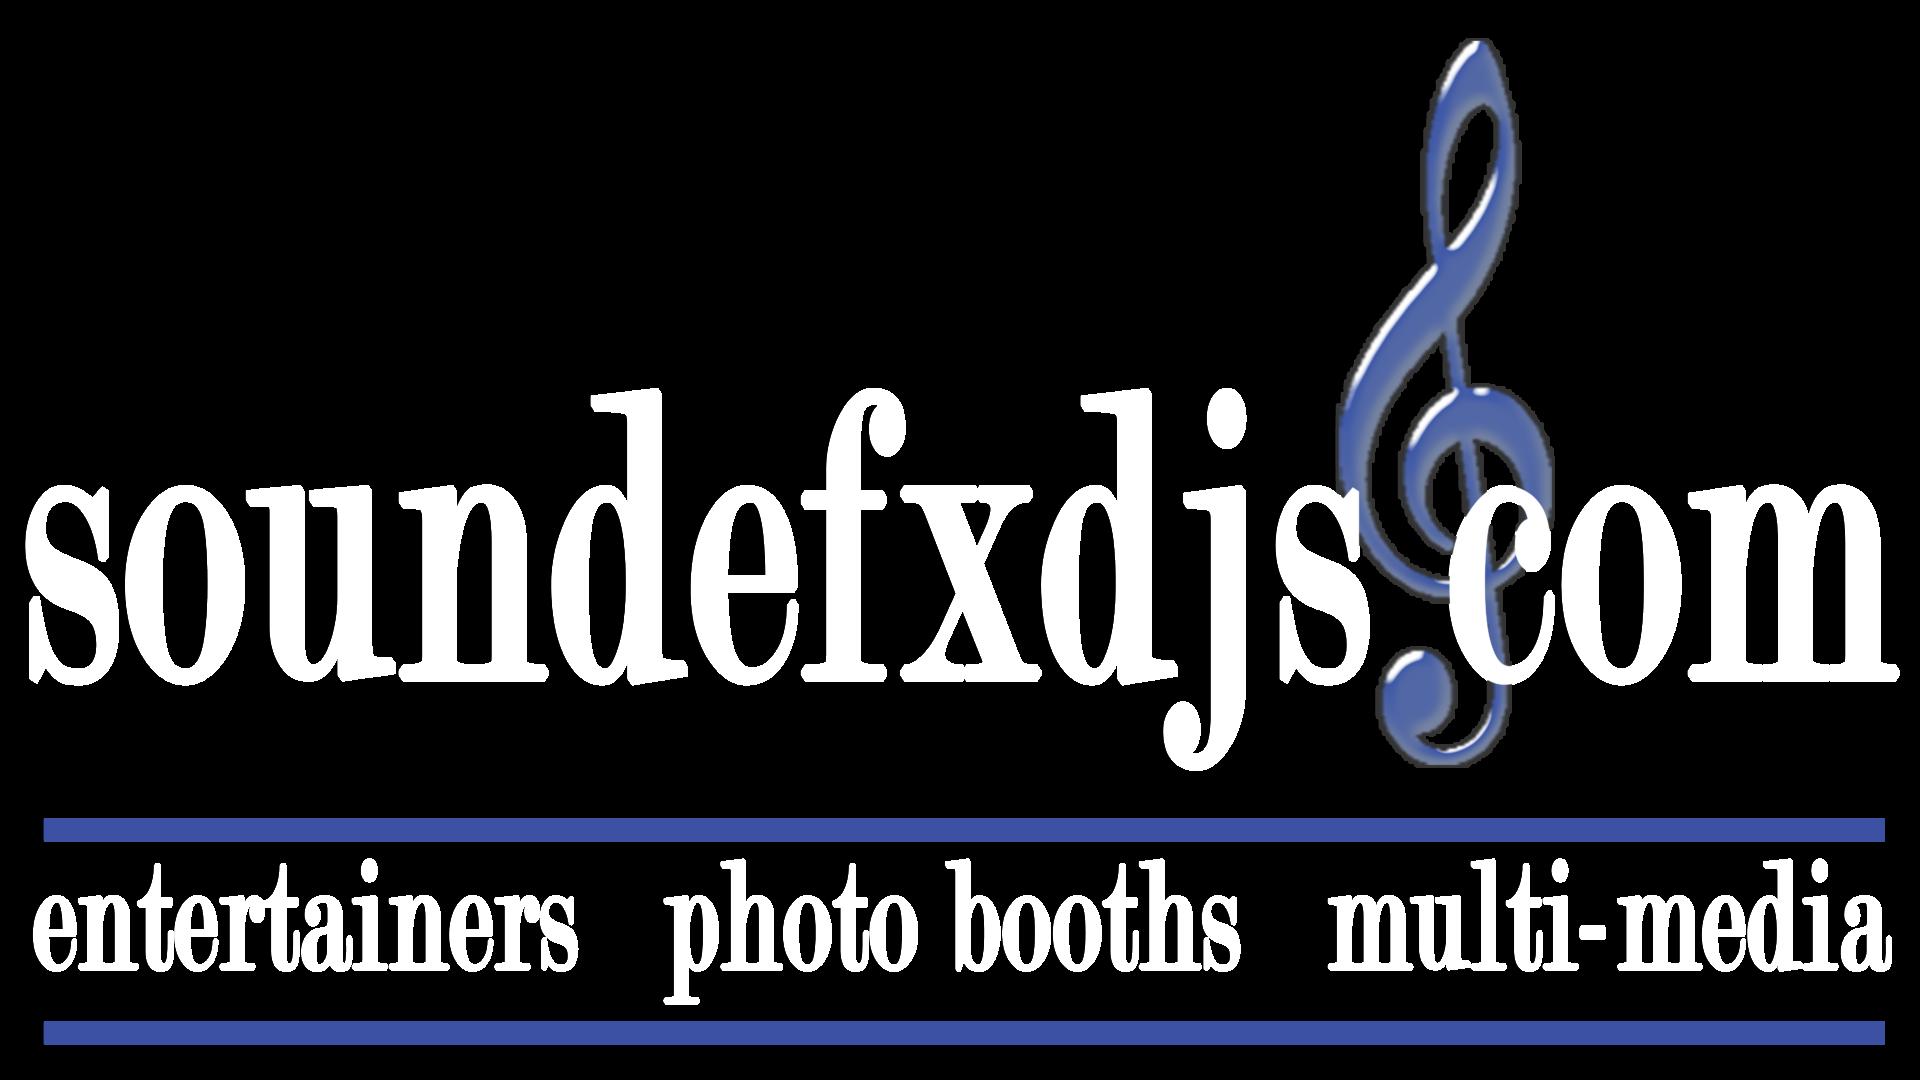 soundefxdjs.com